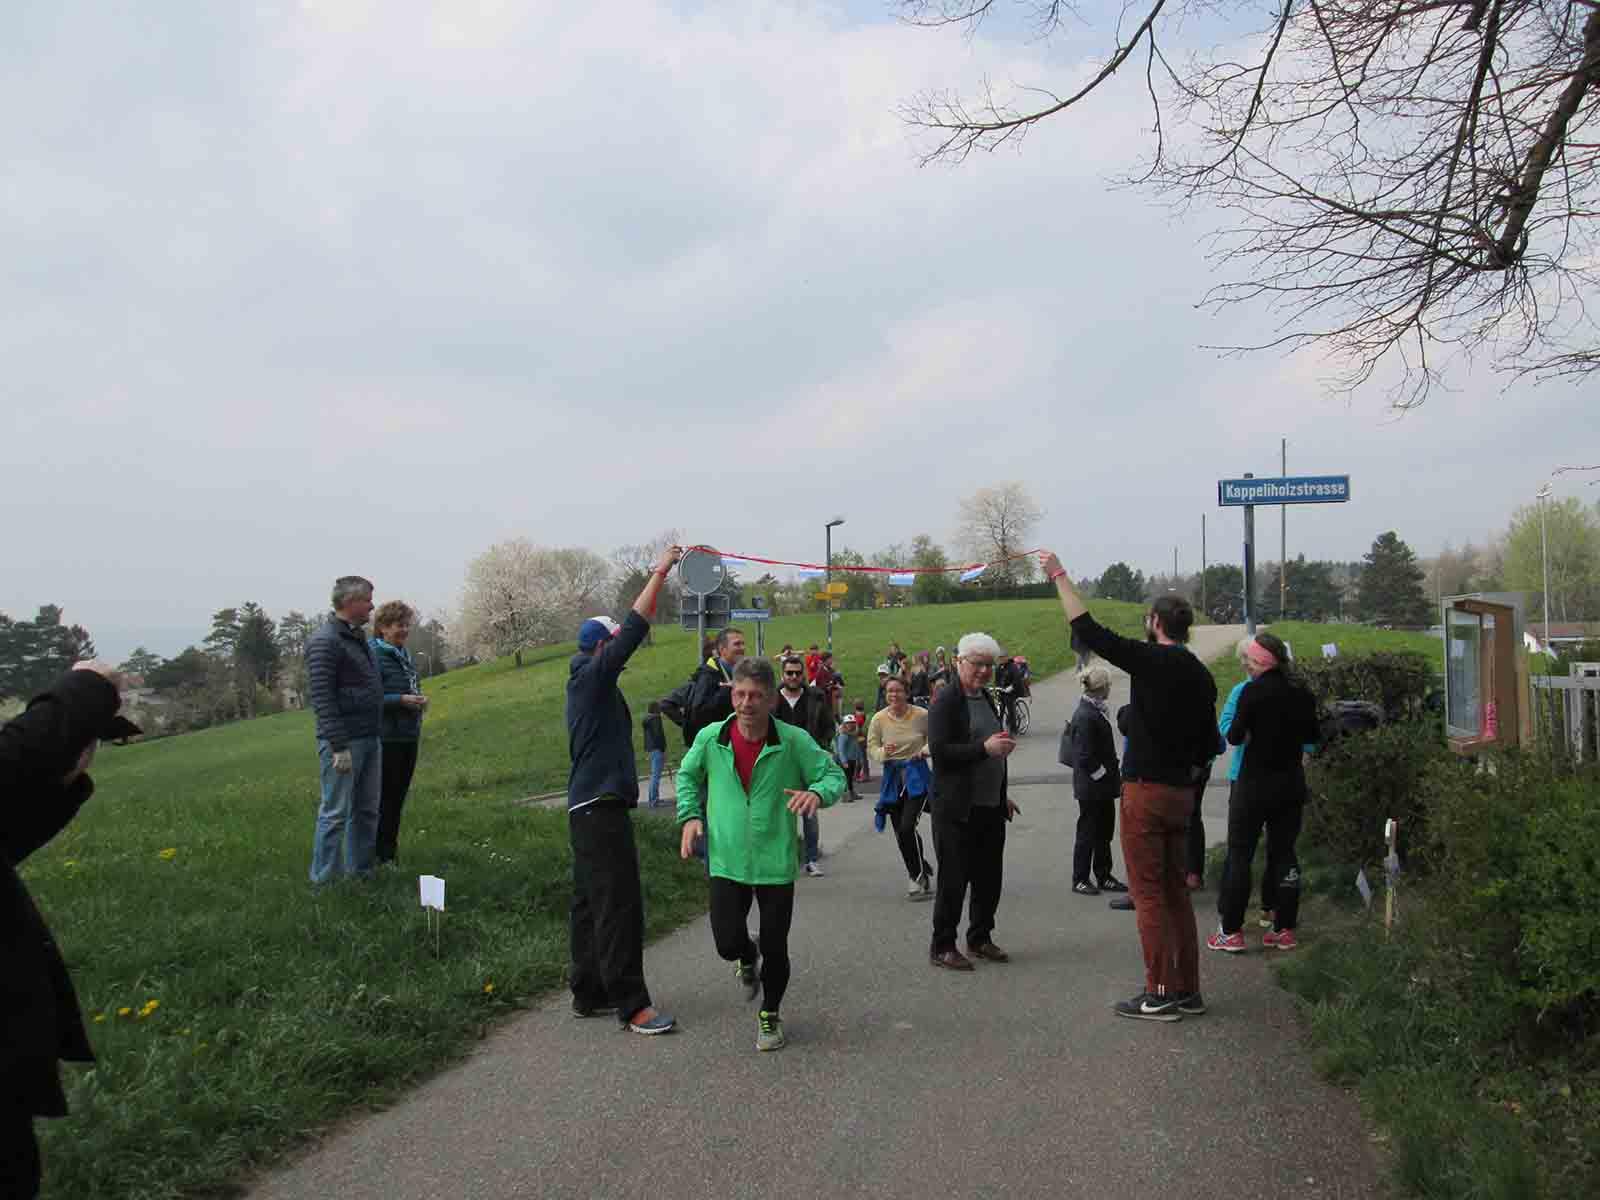 Roby Zwicky, Präsident des Turnvereins Höngg hält die Schere zum Durchschneiden des Bandes noch in der Hand, als die ersten Läufer*innen bereits starten.